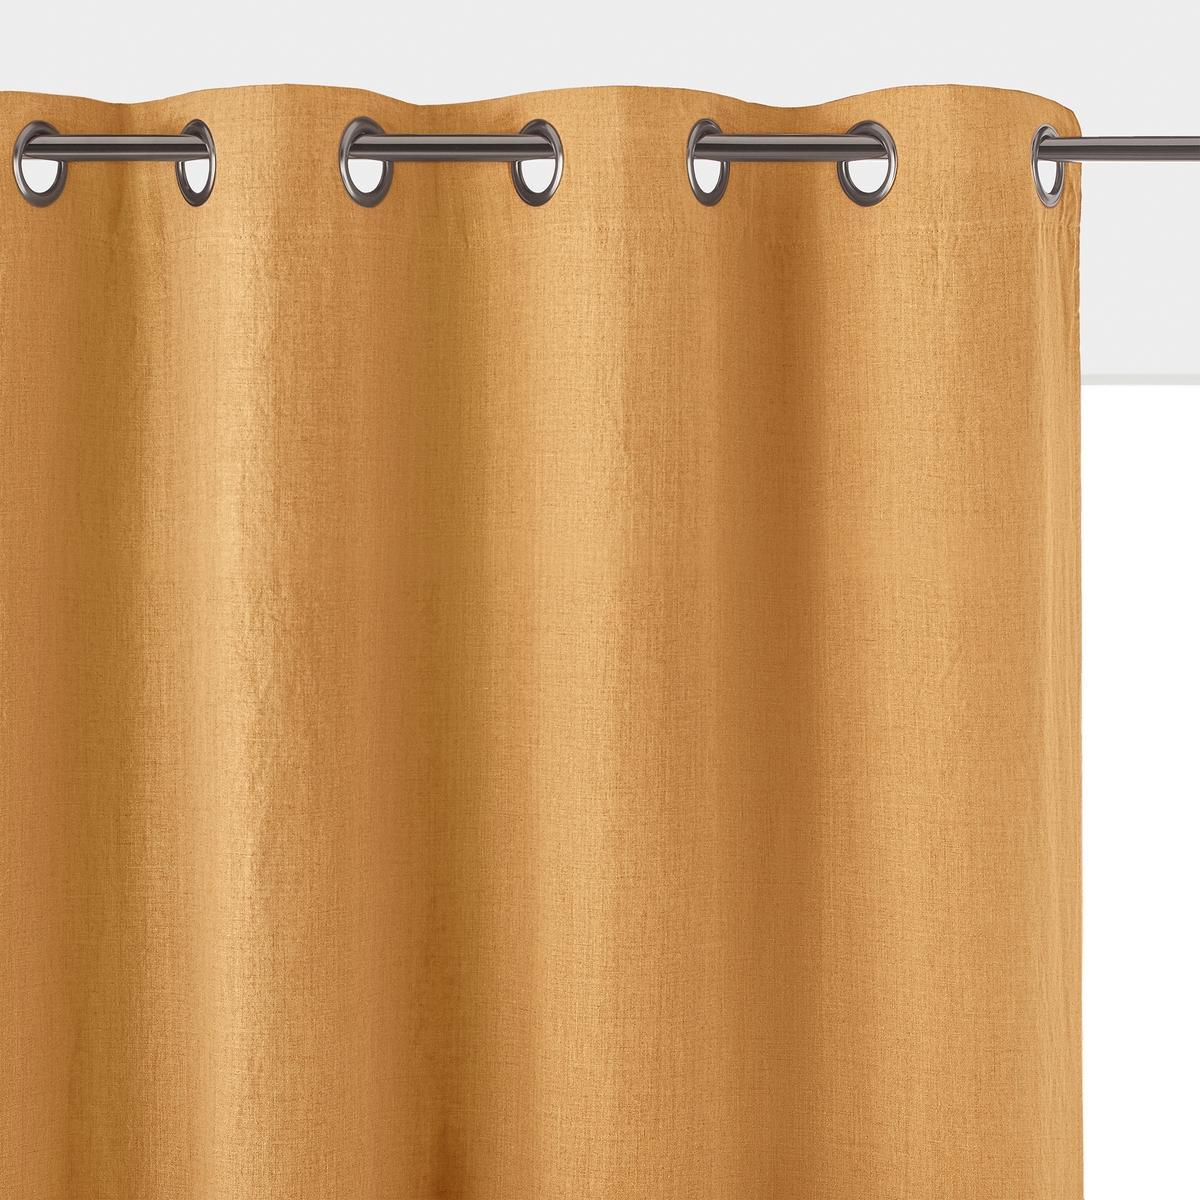 Штора затемняющая из стираного льна с люверсами, ONEGAКачество BEST, затемняющая штора из стираного льна Onega. 100 % стираный лен с легким жатым эффектом и со складками. Затемняющая подкладка того же цвета обеспечивает отличную защиту от света.Характеристики затемняющей шторы из стираного льна Onega:Качество BEST, требование качества.100 % лен.Затемняющая подкладка того же цвета100 % полиэстер обеспечивает отличную защиту от света.Отделка люверсами цвета темно-серый металлик.Всю коллекцию Onega вы можете найти на сайте laredoute. Размеры затемняющей шторы из стираного льна Onega :Высота танкетки. 180 x Ширина. 135 смВысота танкетки. 220 x Ширина. 135 смВысота танкетки. 260 x Ширина. 135 смВысота танкетки. 350 x Ширина. 135 смЗнак Oeko-Tex® гарантирует, что товары прошли проверку и были изготовлены без применения вредных для здоровья человека веществ.<br><br>Цвет: антрацит,белый,бледный сине-зеленый,зеленый,прусский синий,розовая пудра,серо-бежевый,терракота<br>Размер: 180 x 135  см.260 x 135 см.180 x 135  см.260 x 135 см.260 x 135 см